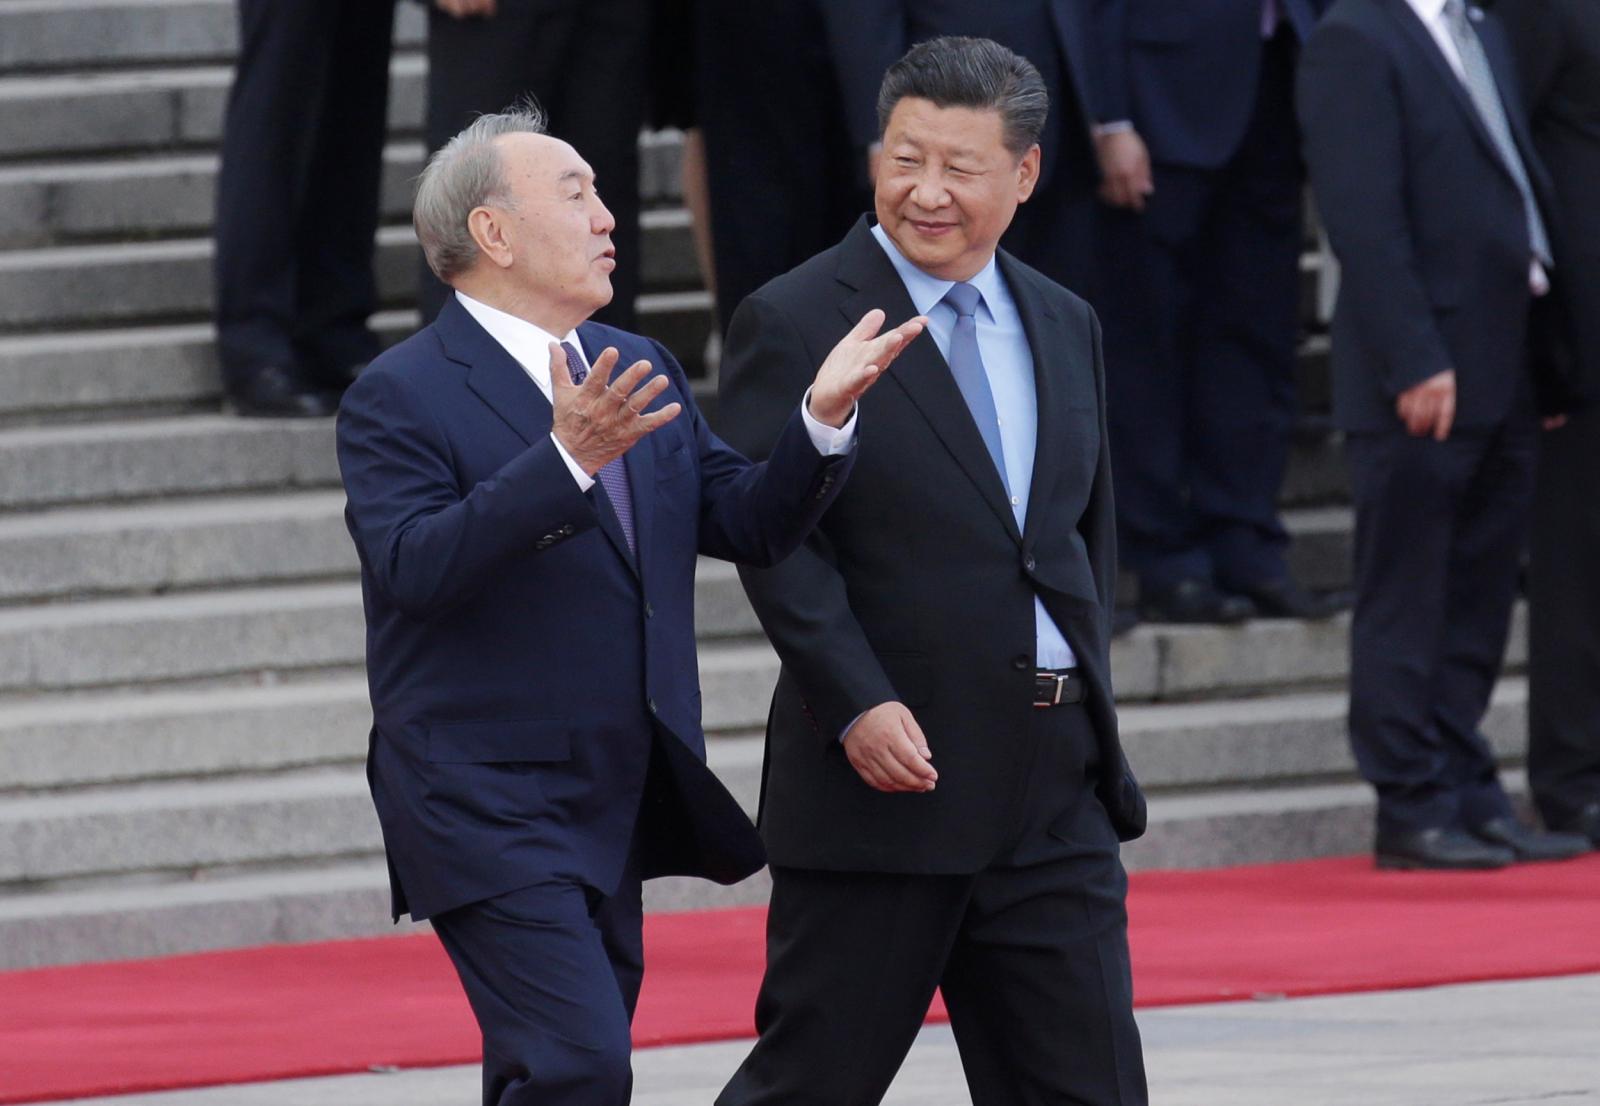 Kazakhstan's President speaks to China's President